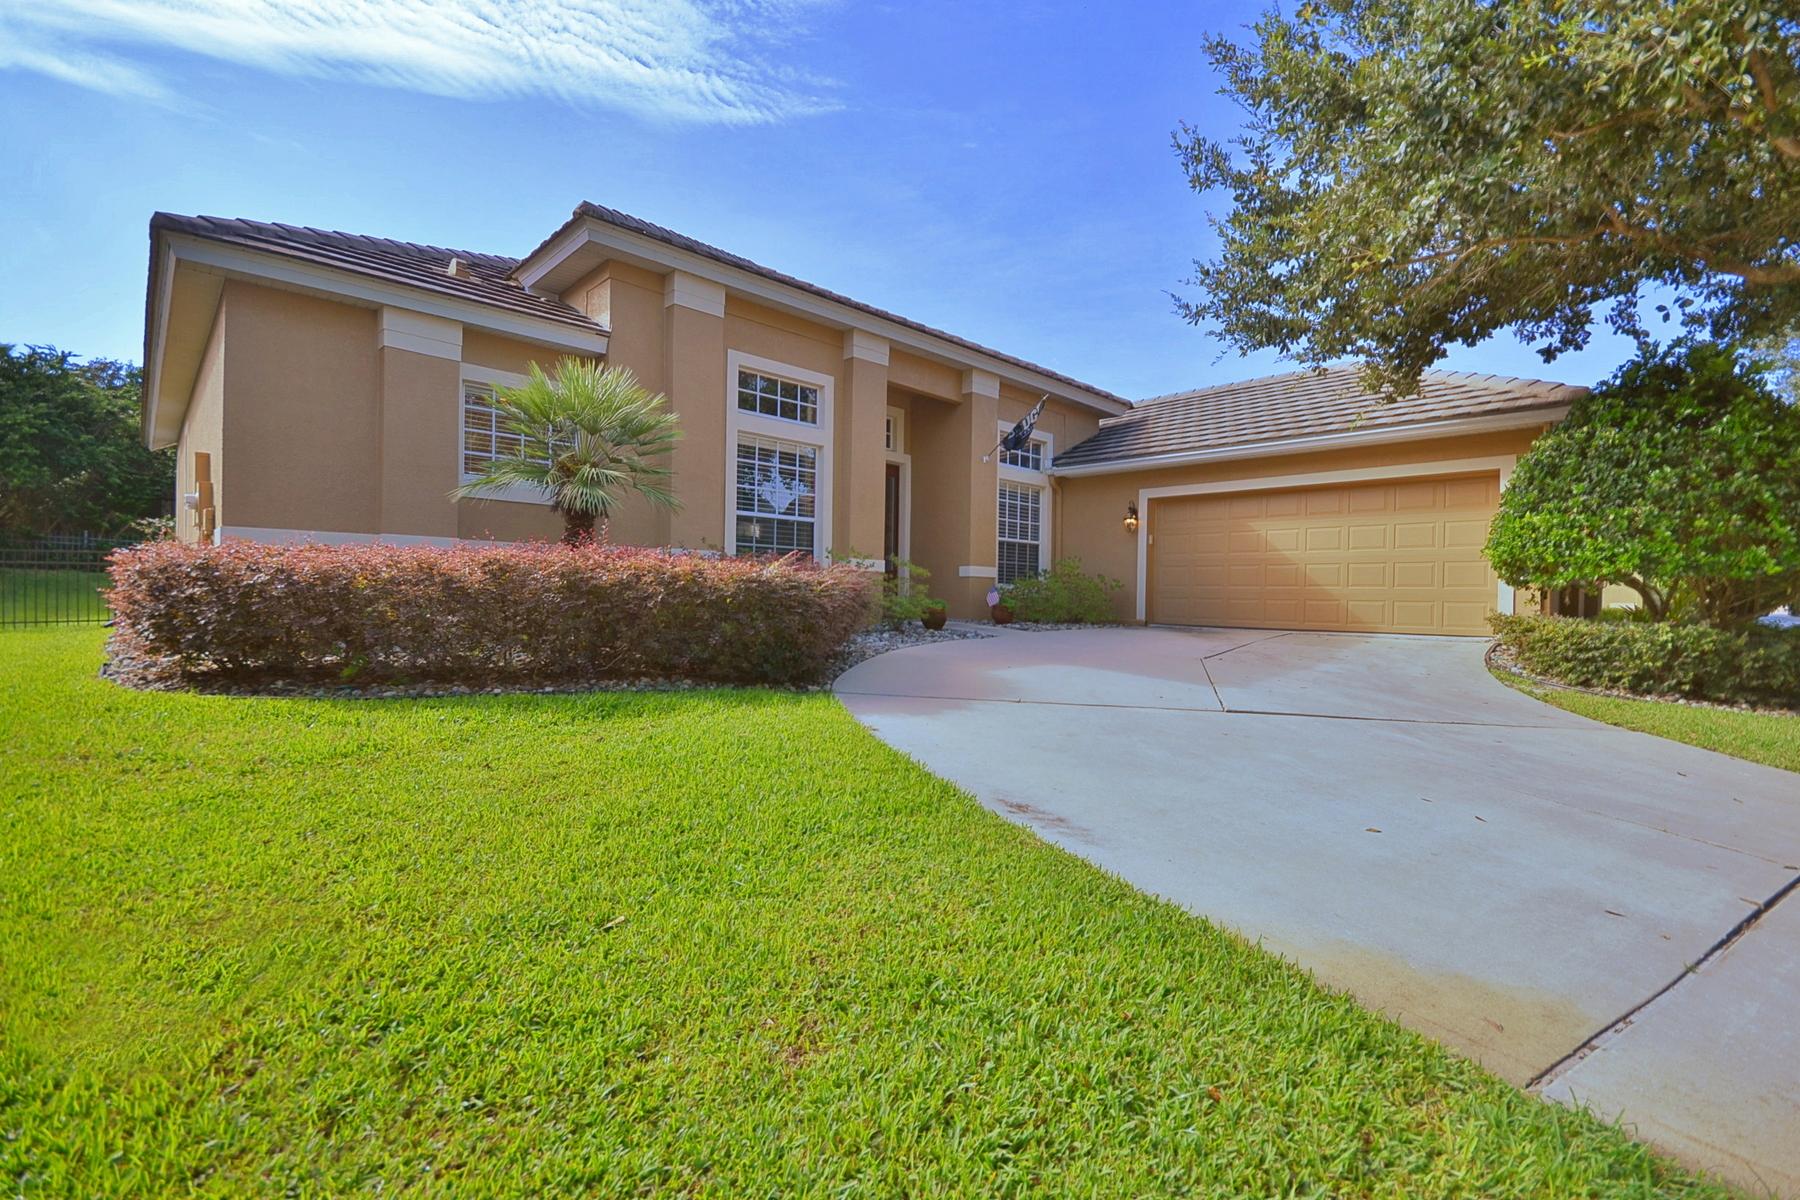 단독 가정 주택 용 매매 에 Lake Mary, Florida 1207 Chantry Pl Lake Mary, 플로리다 32746 미국